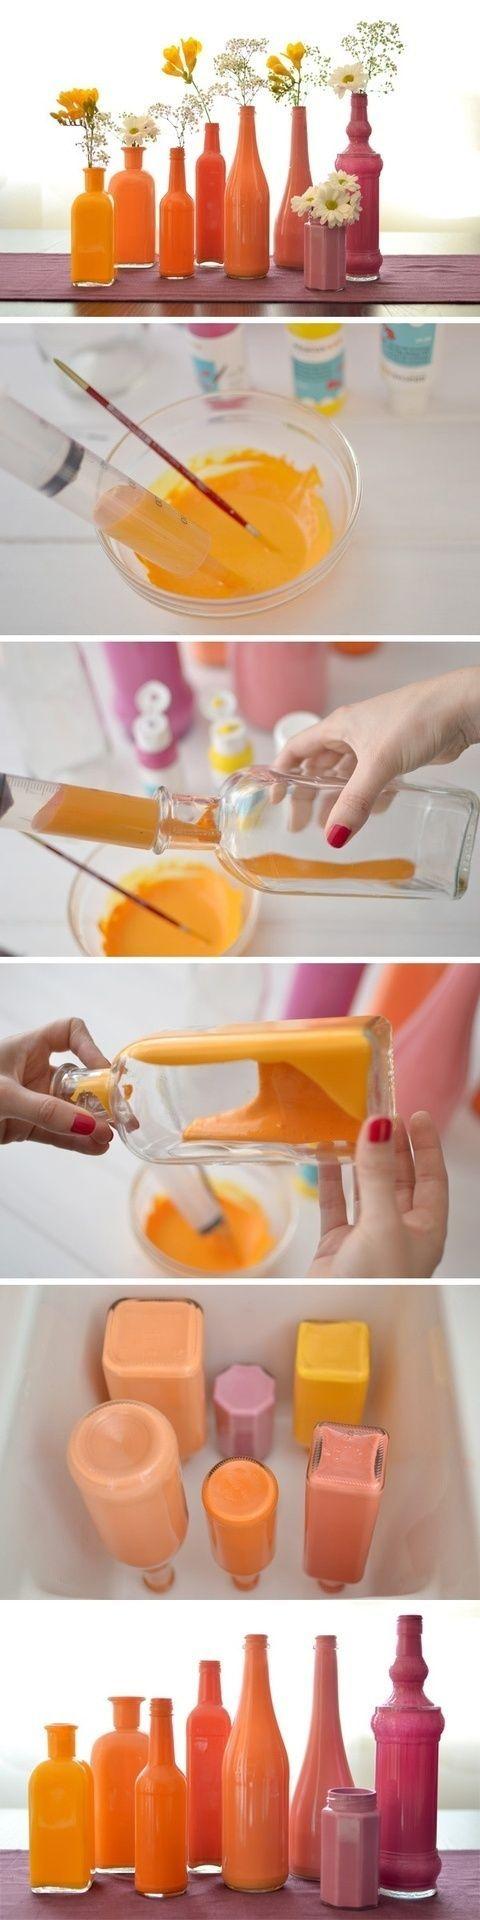 11 Projetos de diy para fazer vasos criativos